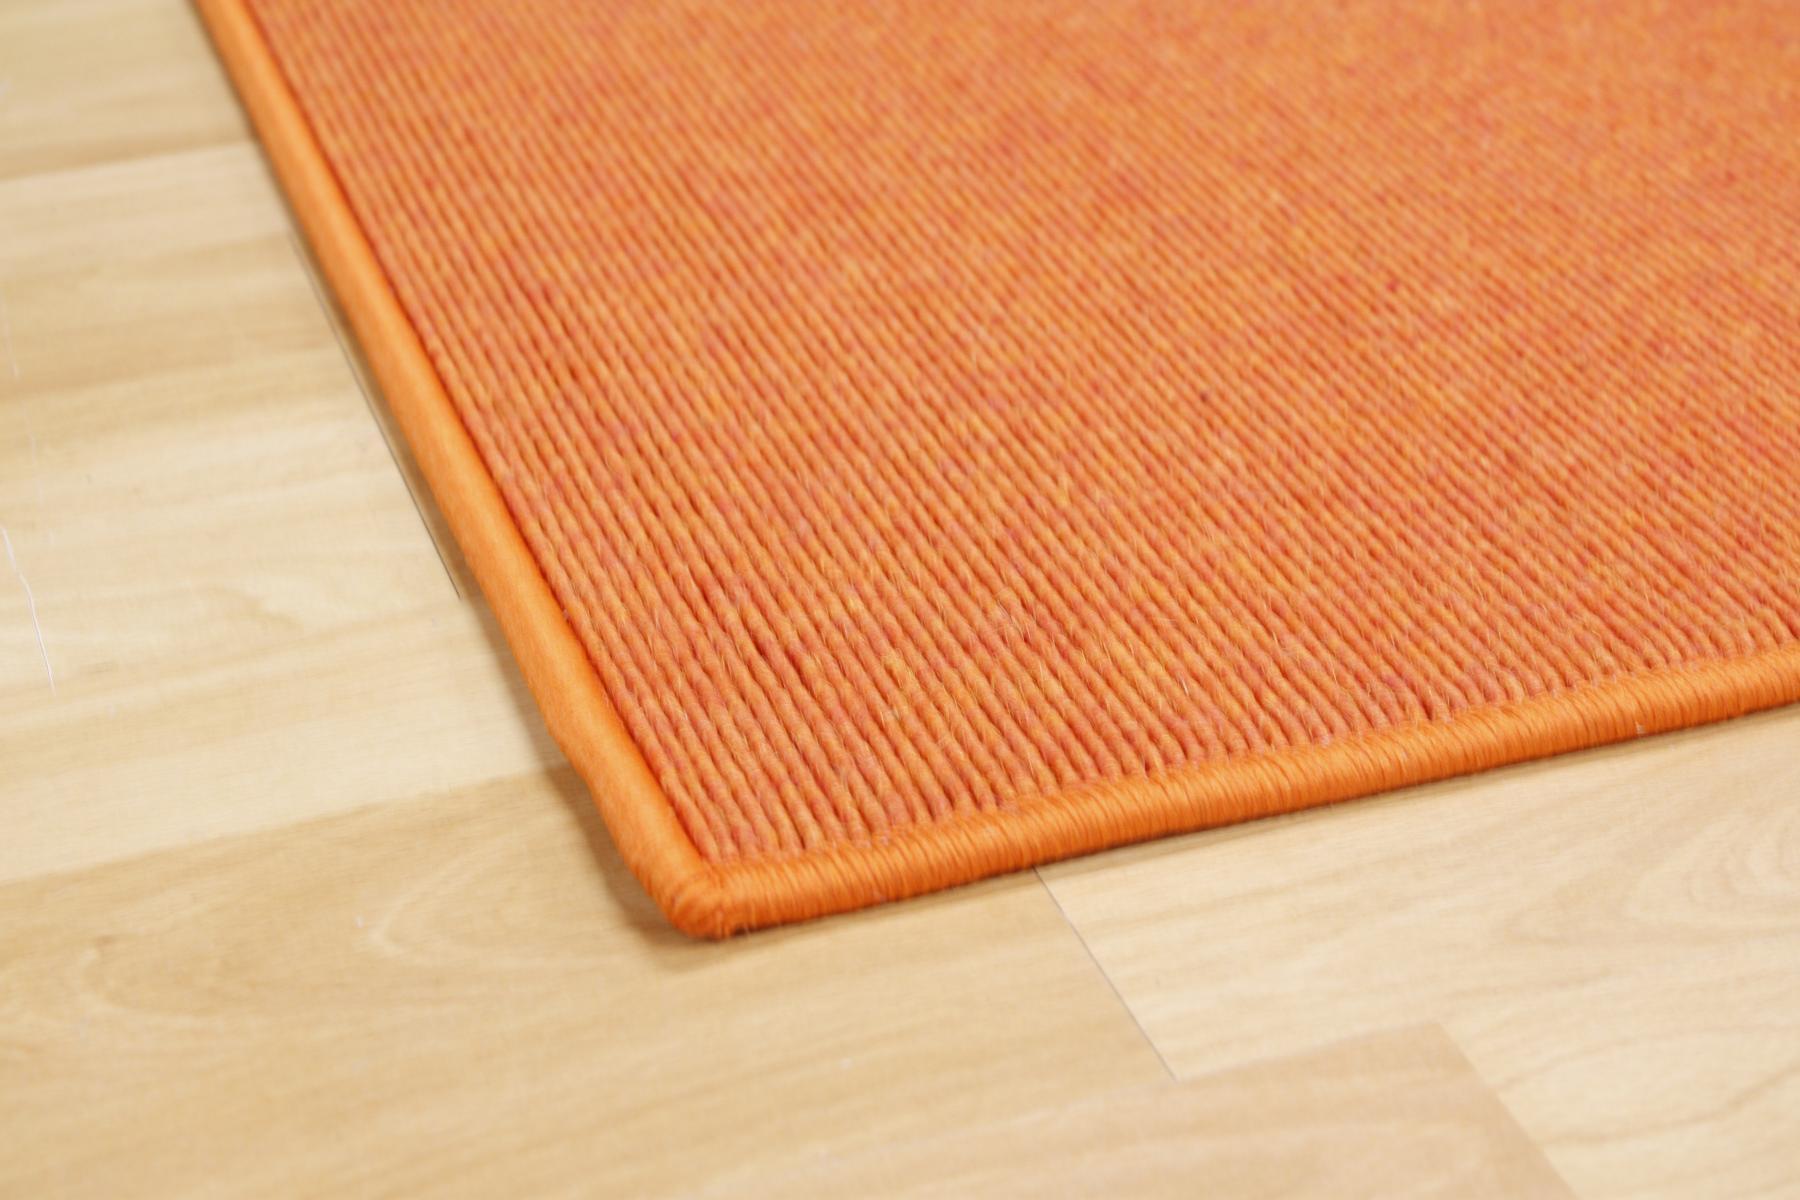 Teppich Tretford 585 umkettelt 350 x 200 cm Ziegenhaar